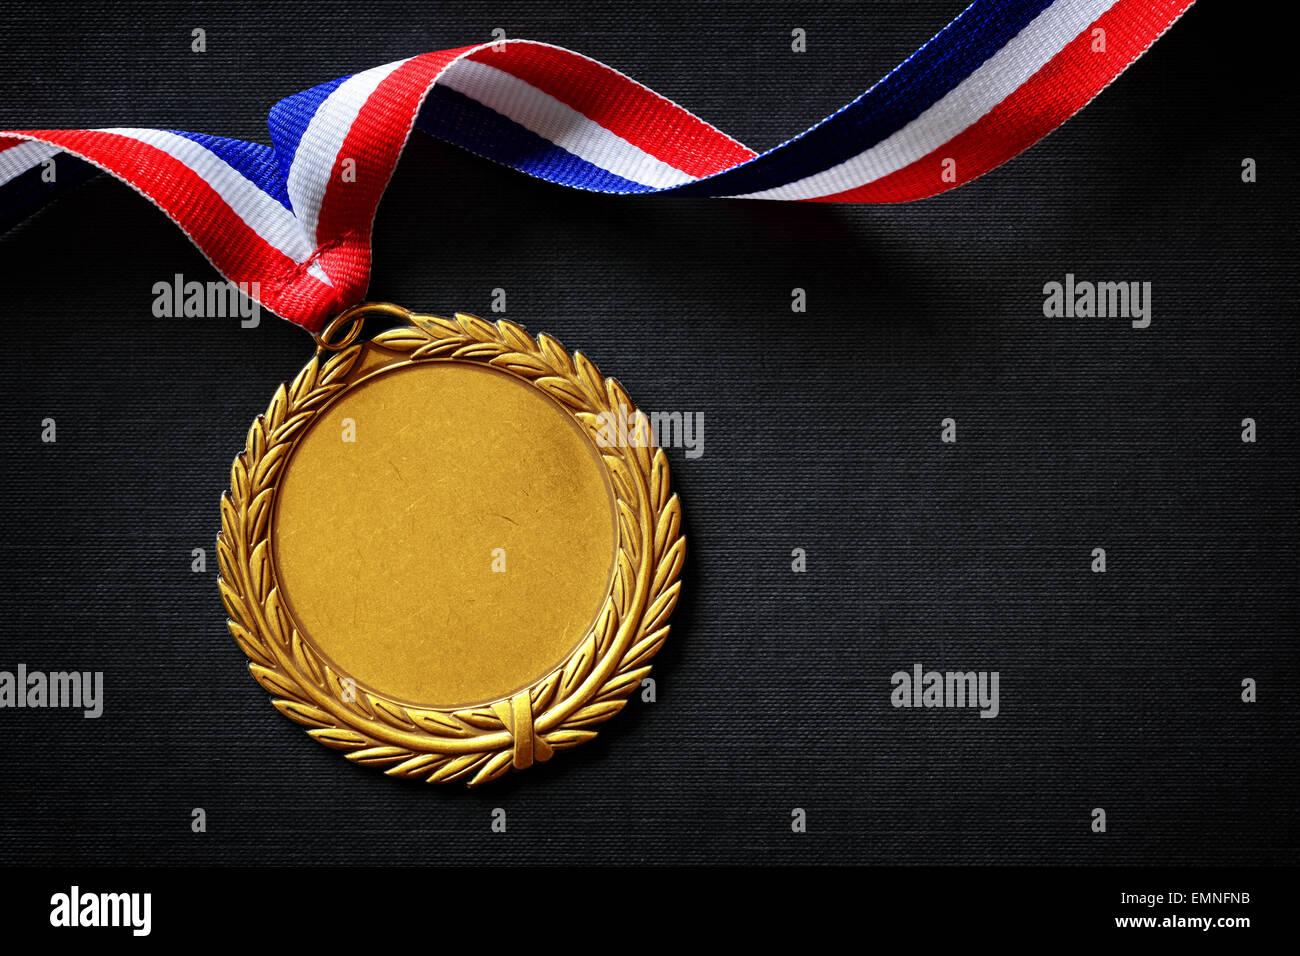 Medaglia d'Oro su nero con faccia vuota per testo, concept per la vincita o di successo Immagini Stock